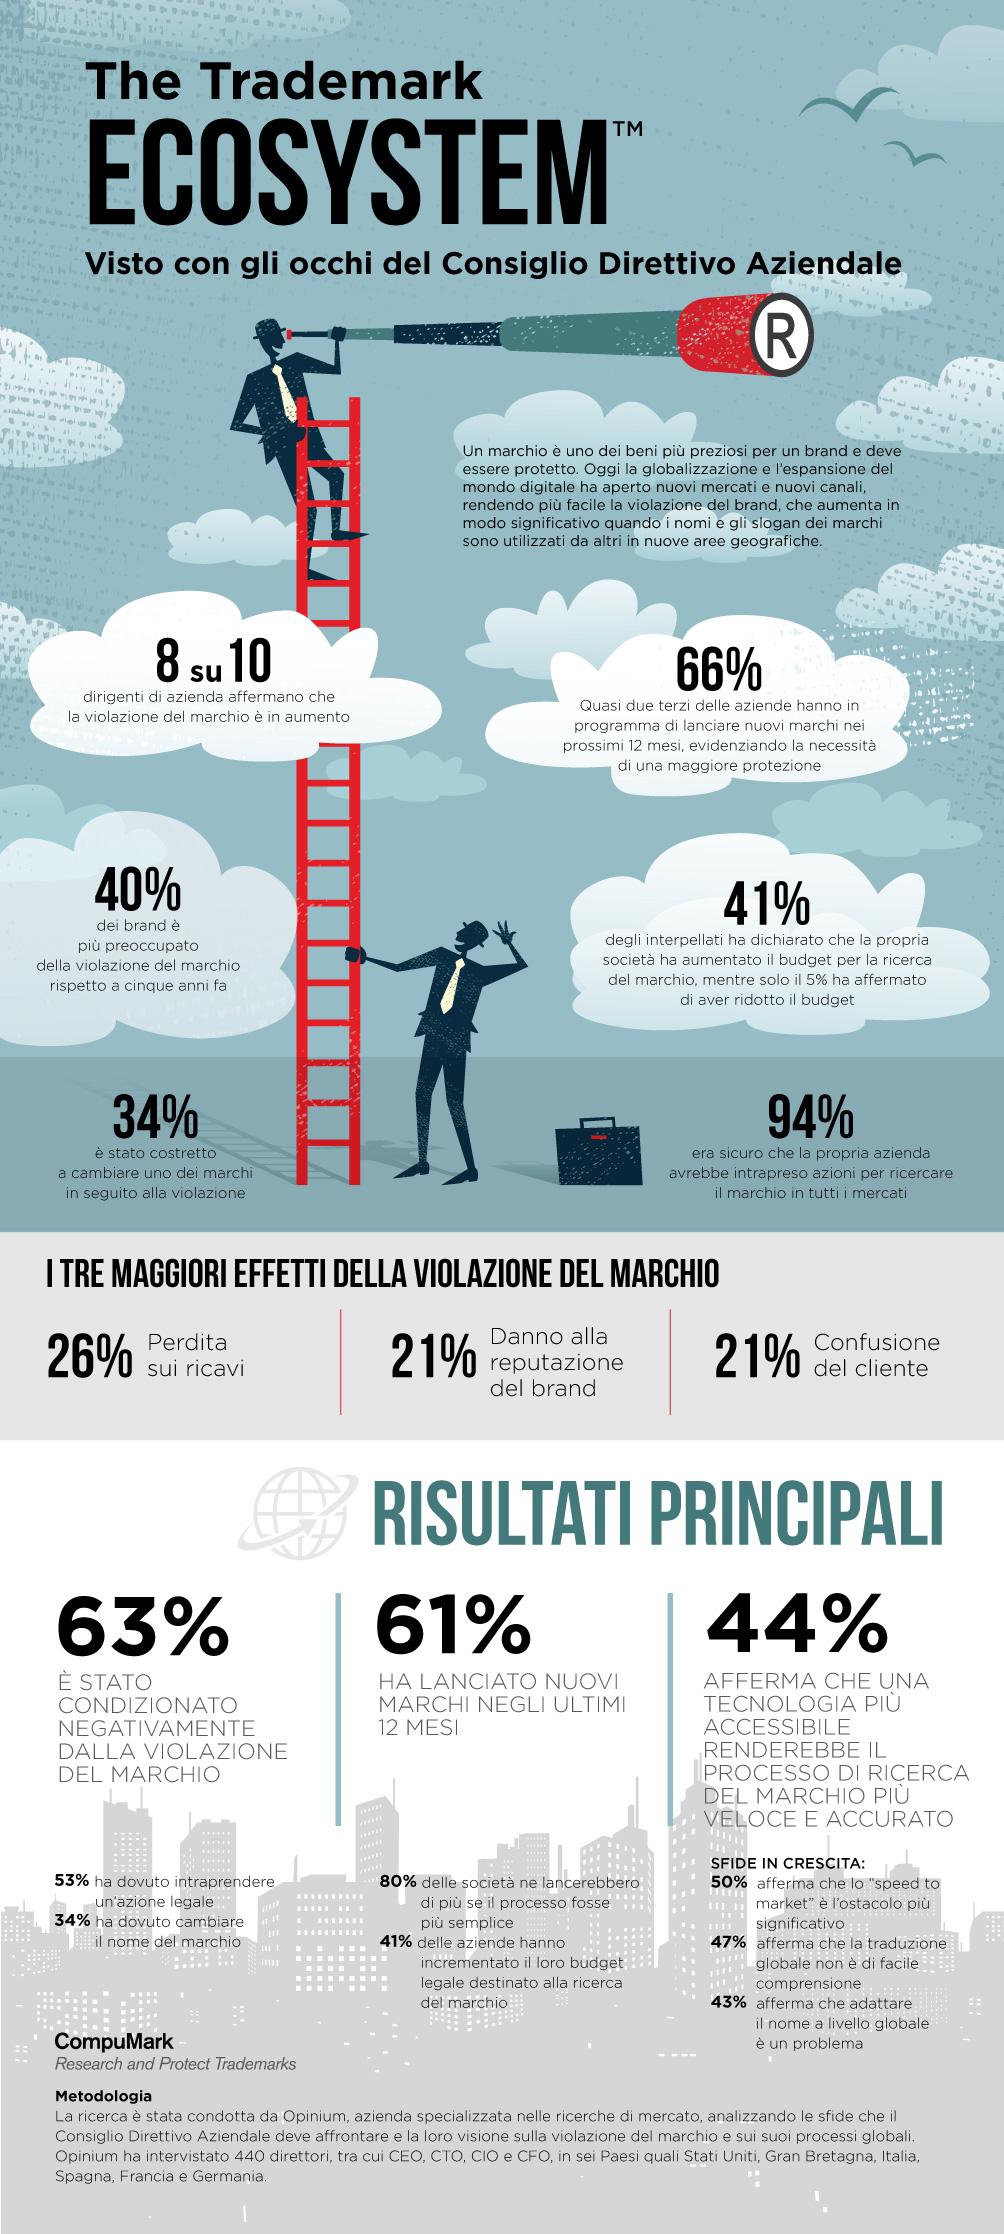 CM_TrademarkEcosystem_Infographic_ITA